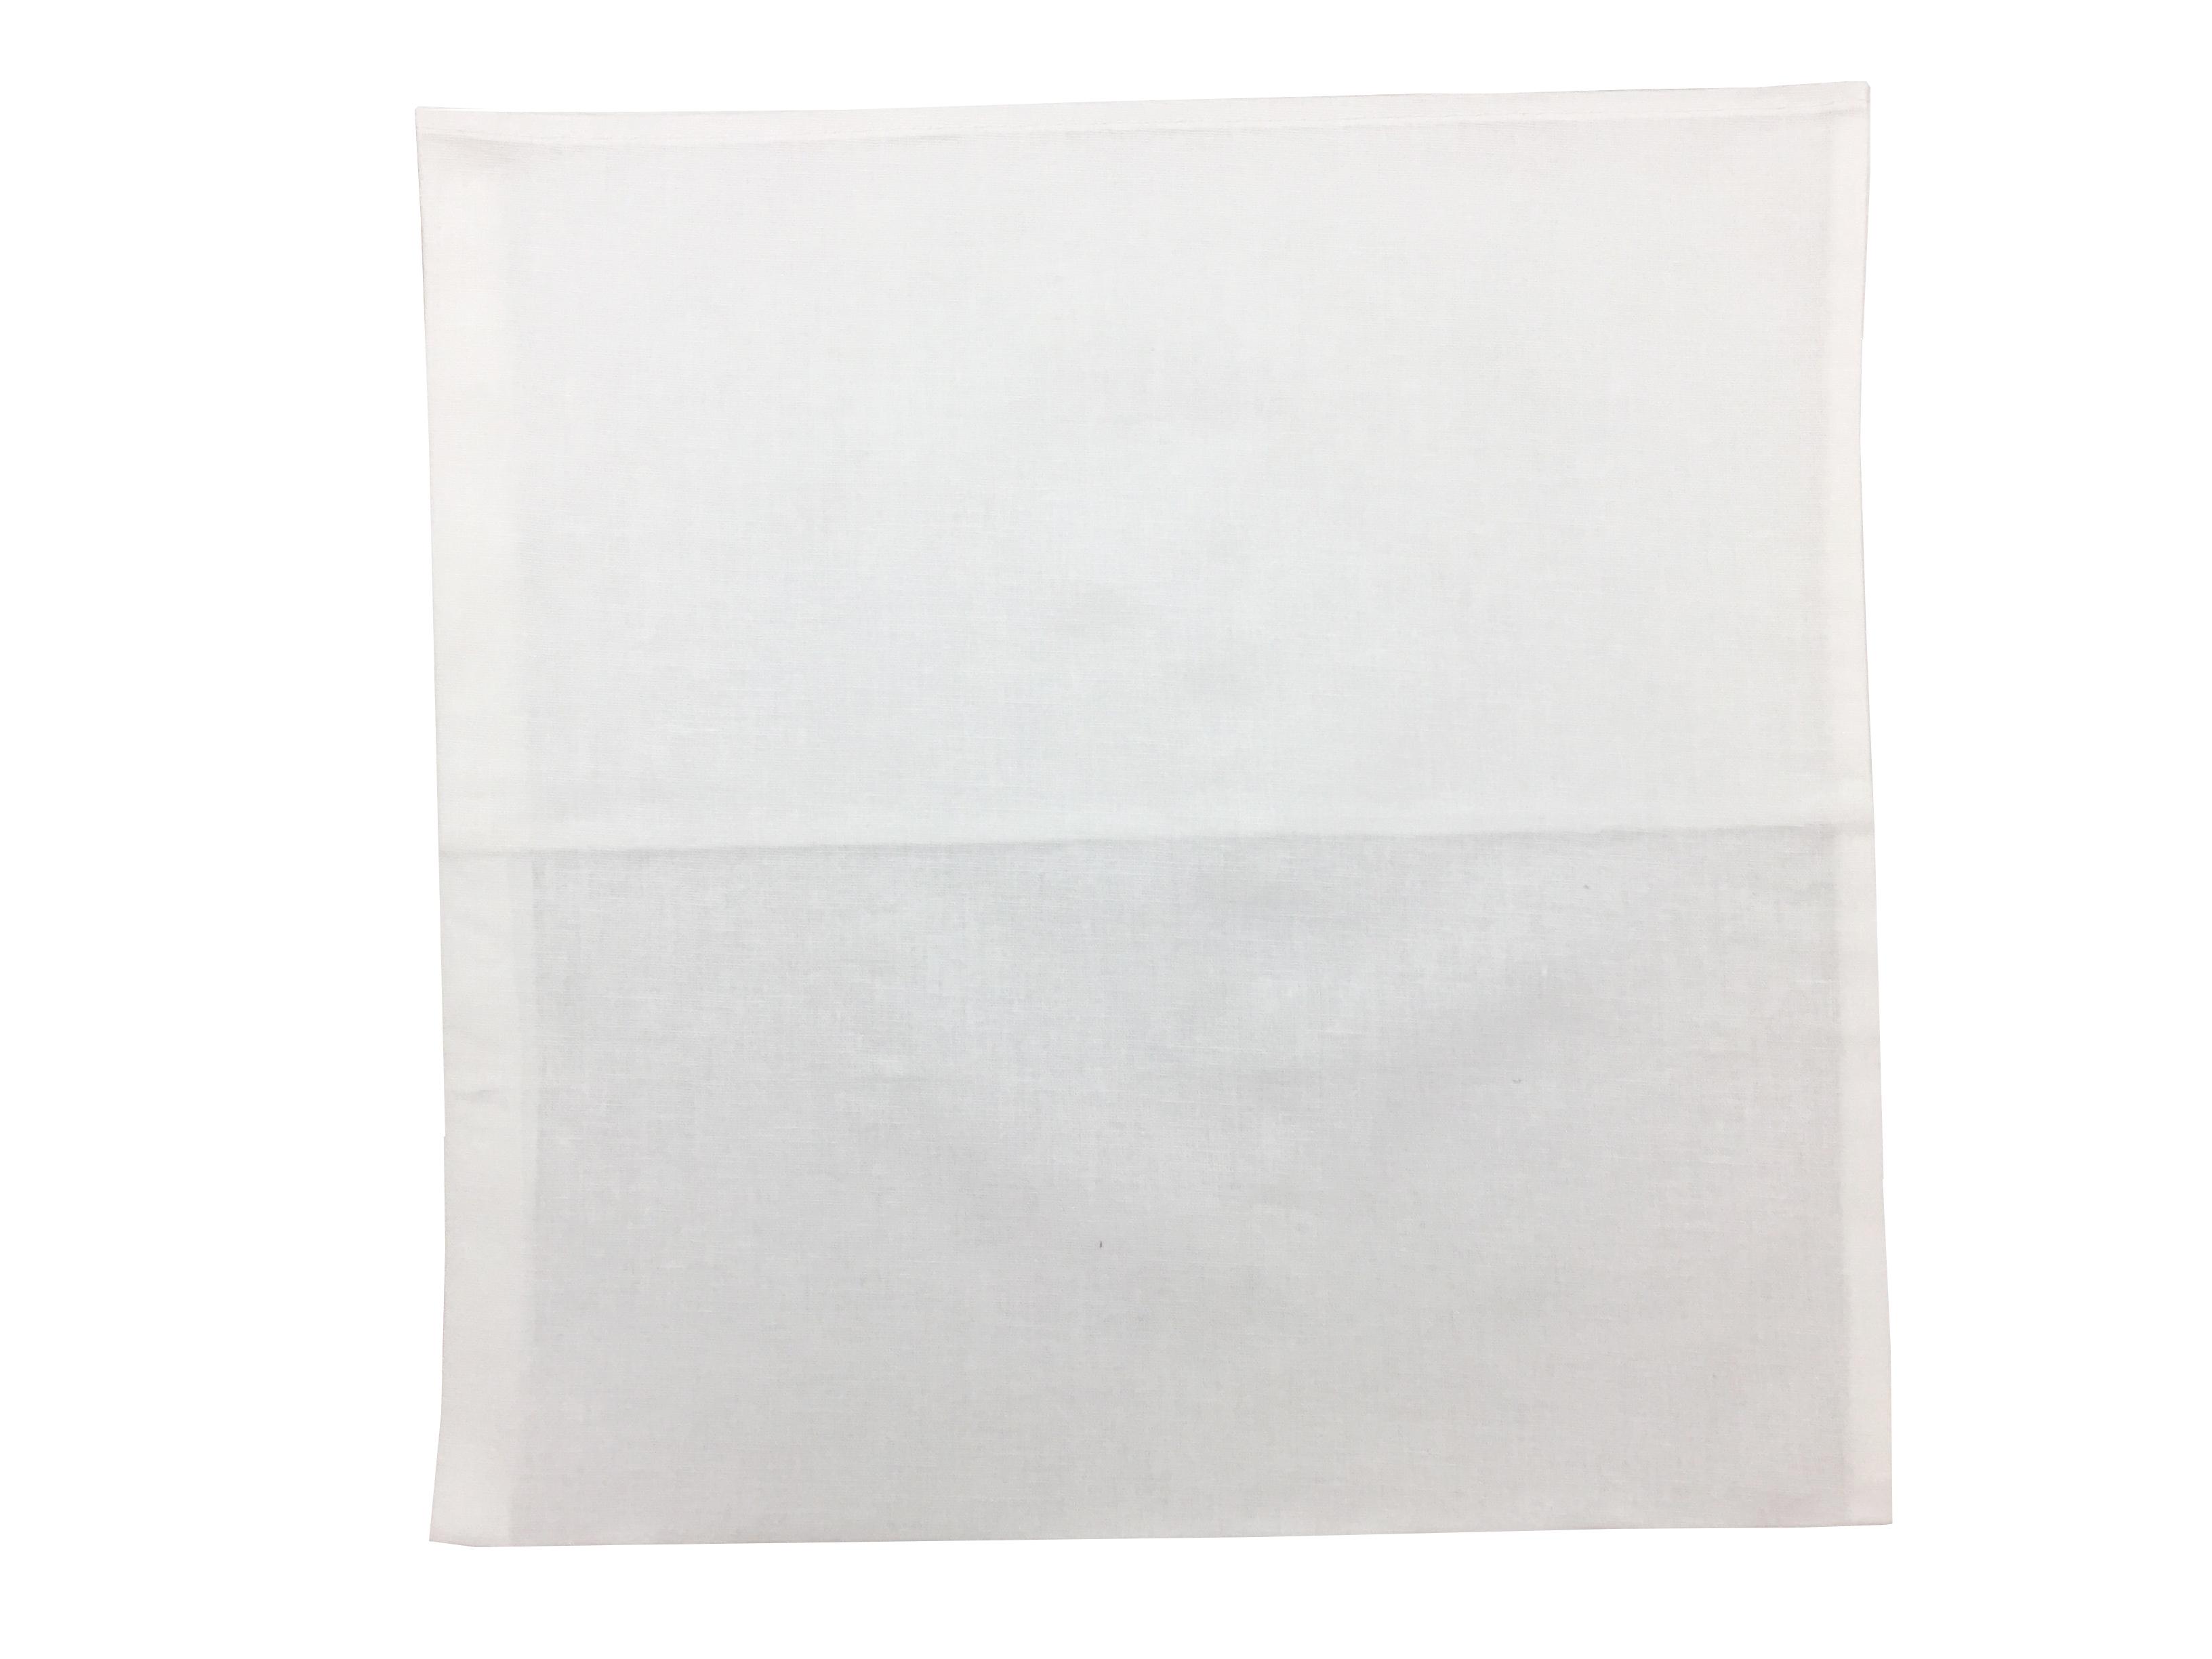 Комплект наволочек 40*40 см (2 шт.), лен 100 %, белый